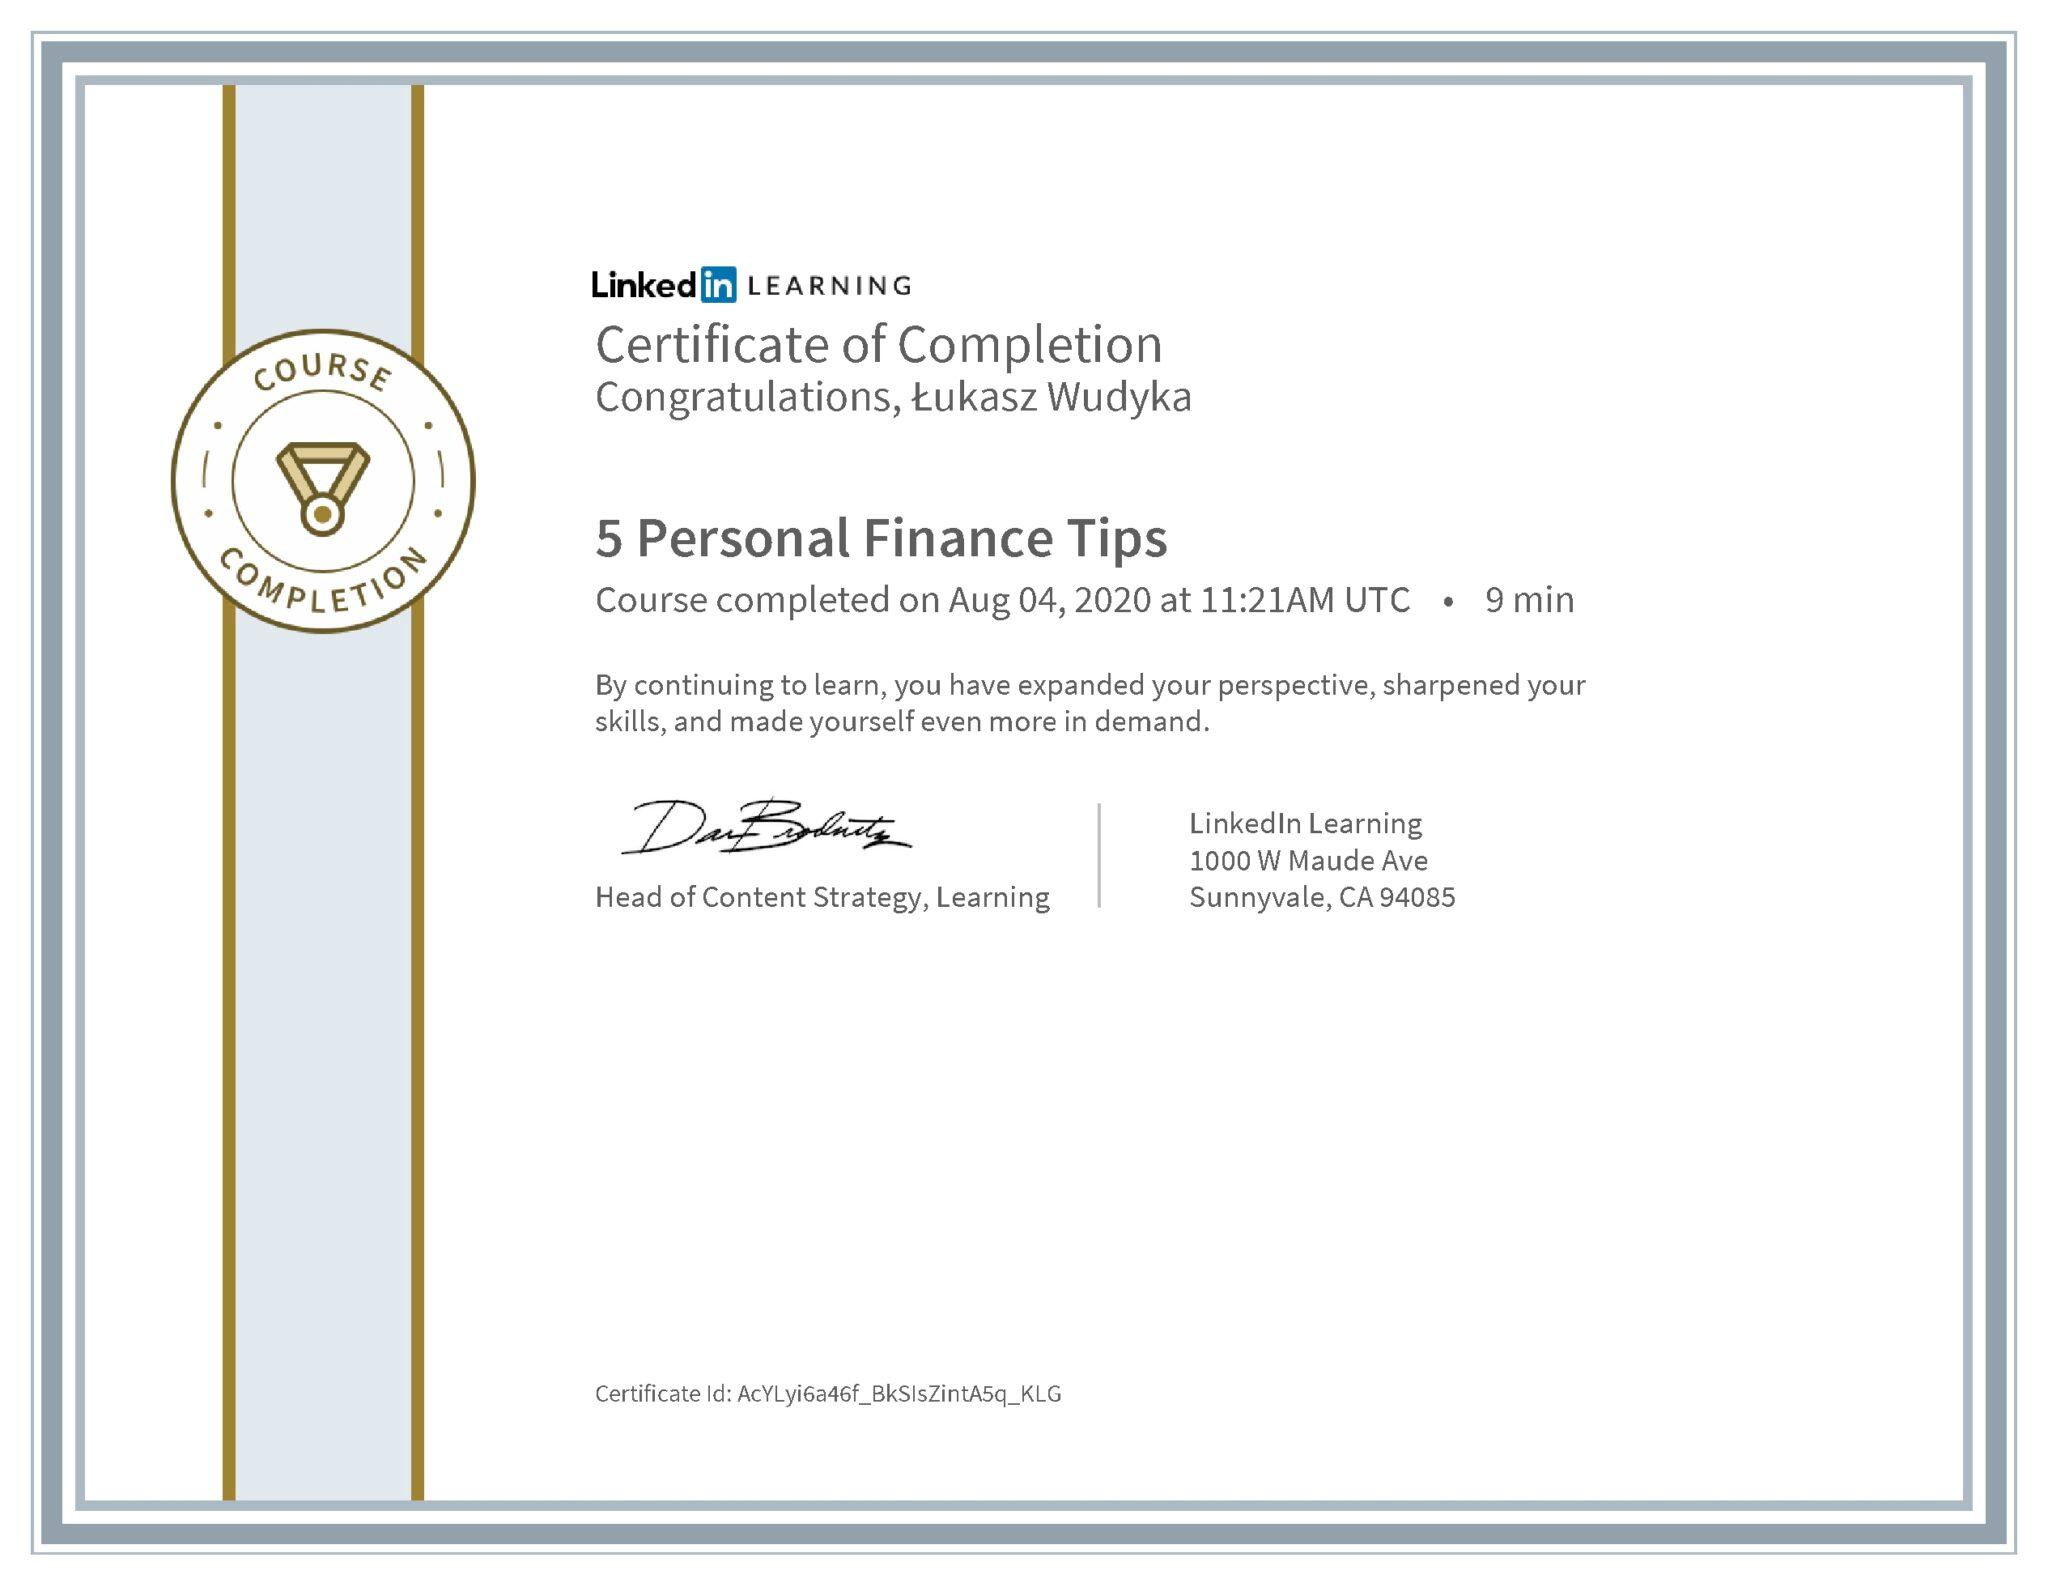 Łukasz Wudyka certyfikat LinkedIn 5 Personal Finance Tips